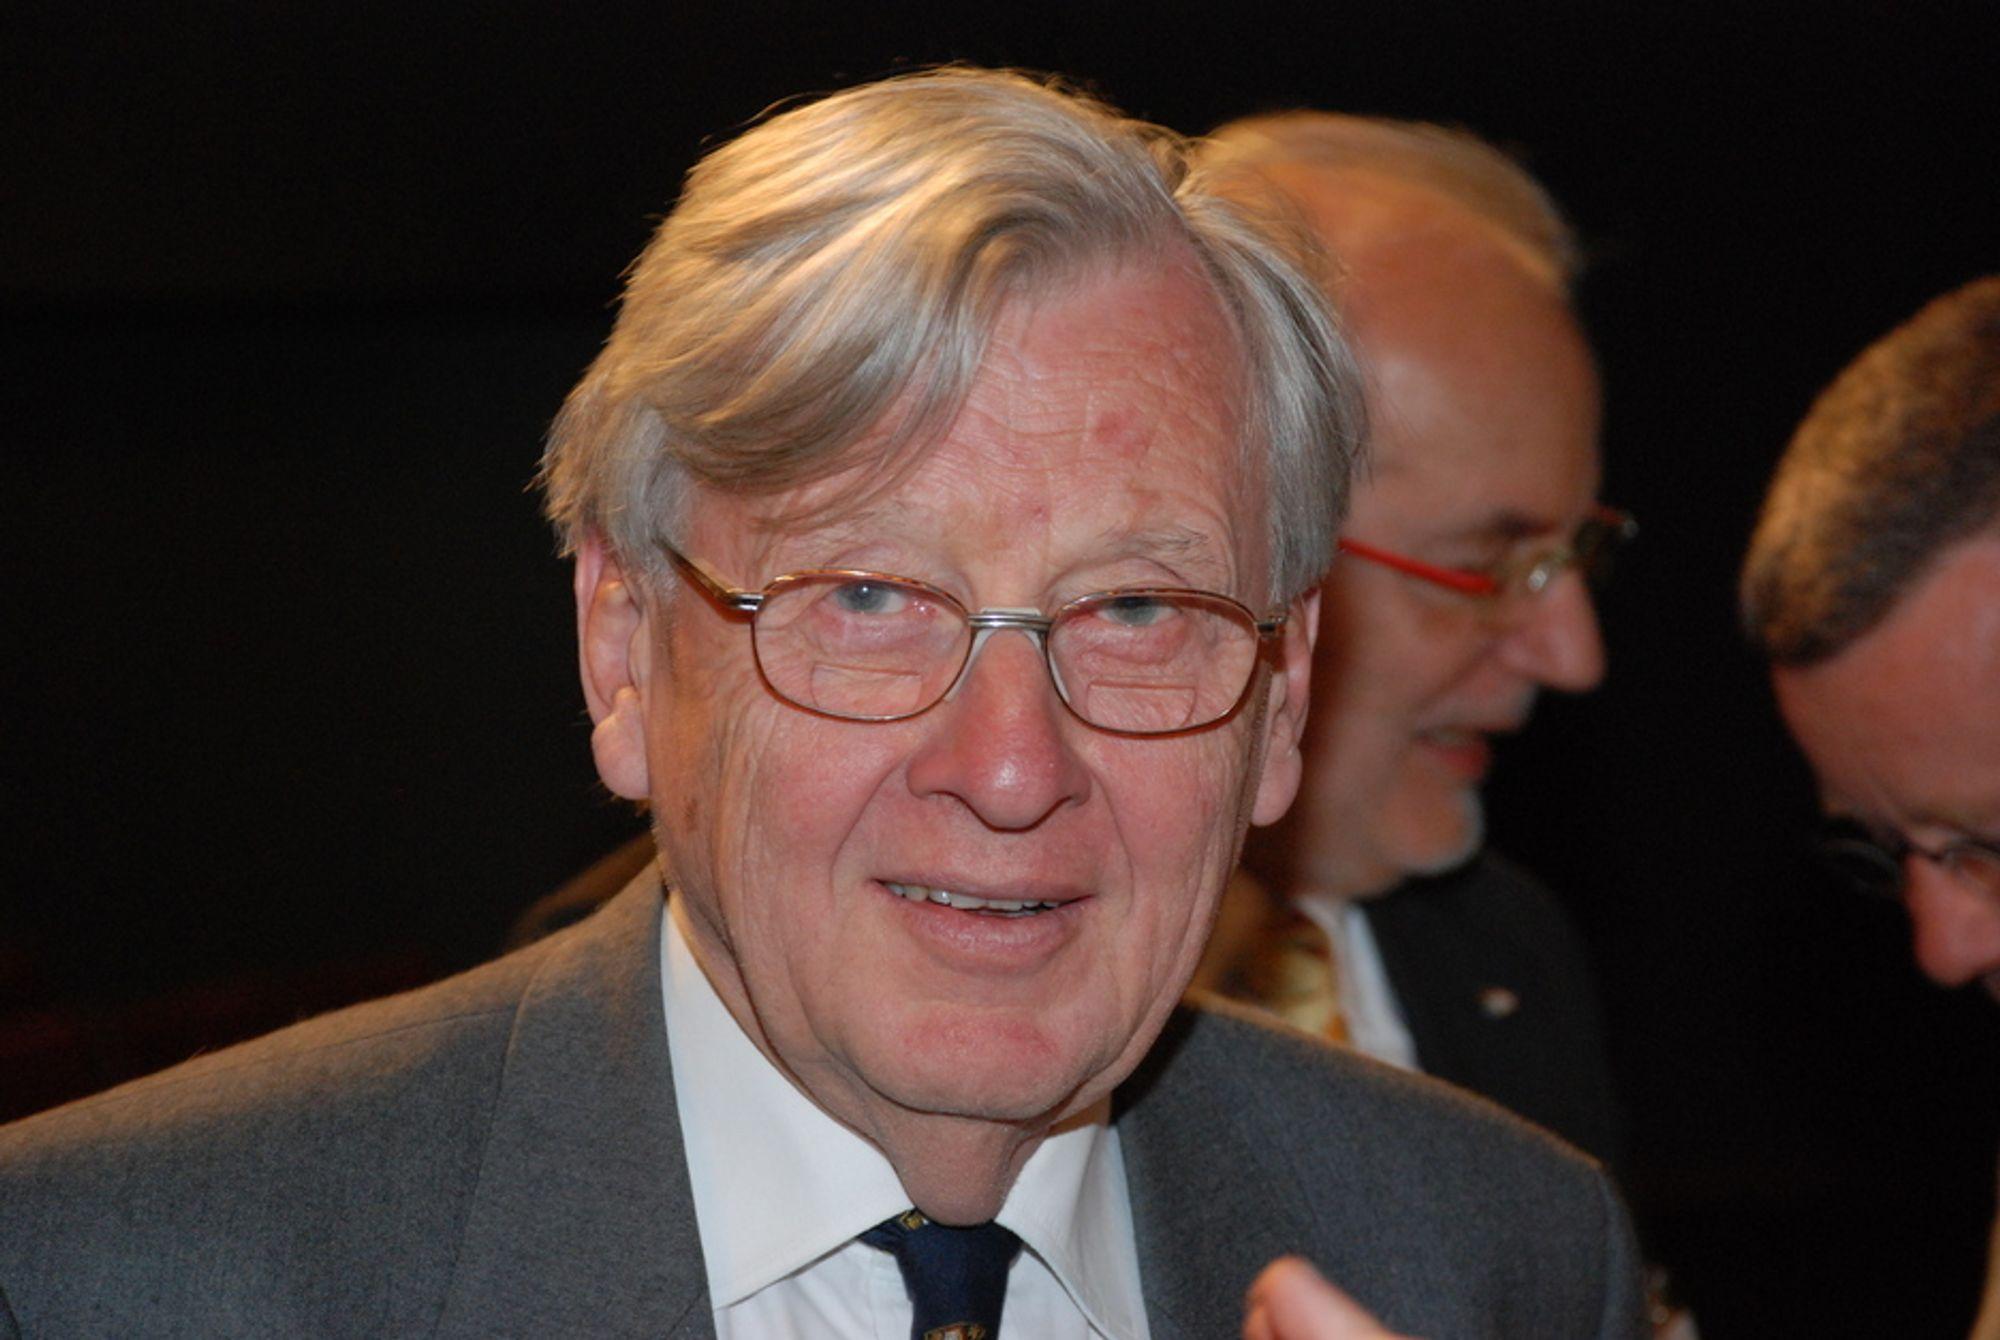 Colin Campbell, pensjonert britisk petroleumsgeolog, styreleder i ASPO, organisasjonen for studier av Peak Oil. Har tidligere jobbet for Fina og Amoco i Norge, og vært konsulent for Oljedirektoratet og Statoil.